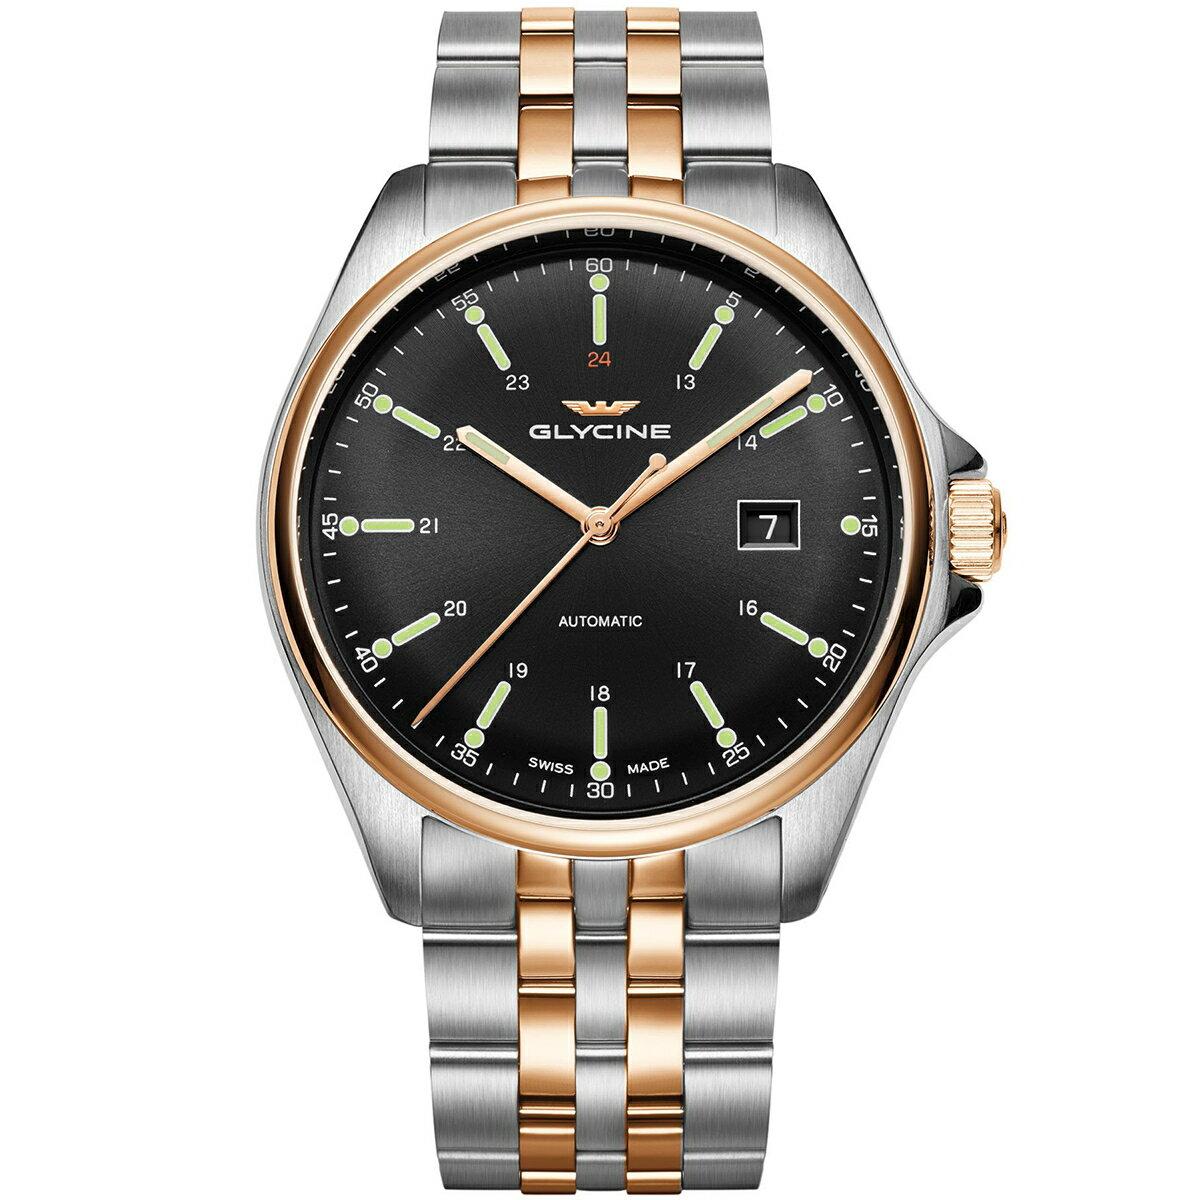 グライシン グリシン GLYCINE コンバット6 クラシック COMBAT 6 CLASSIC 43 GL0103 メンズ 時計 腕時計 自動巻き オートマチック スイス製 スイスメイド パイロット